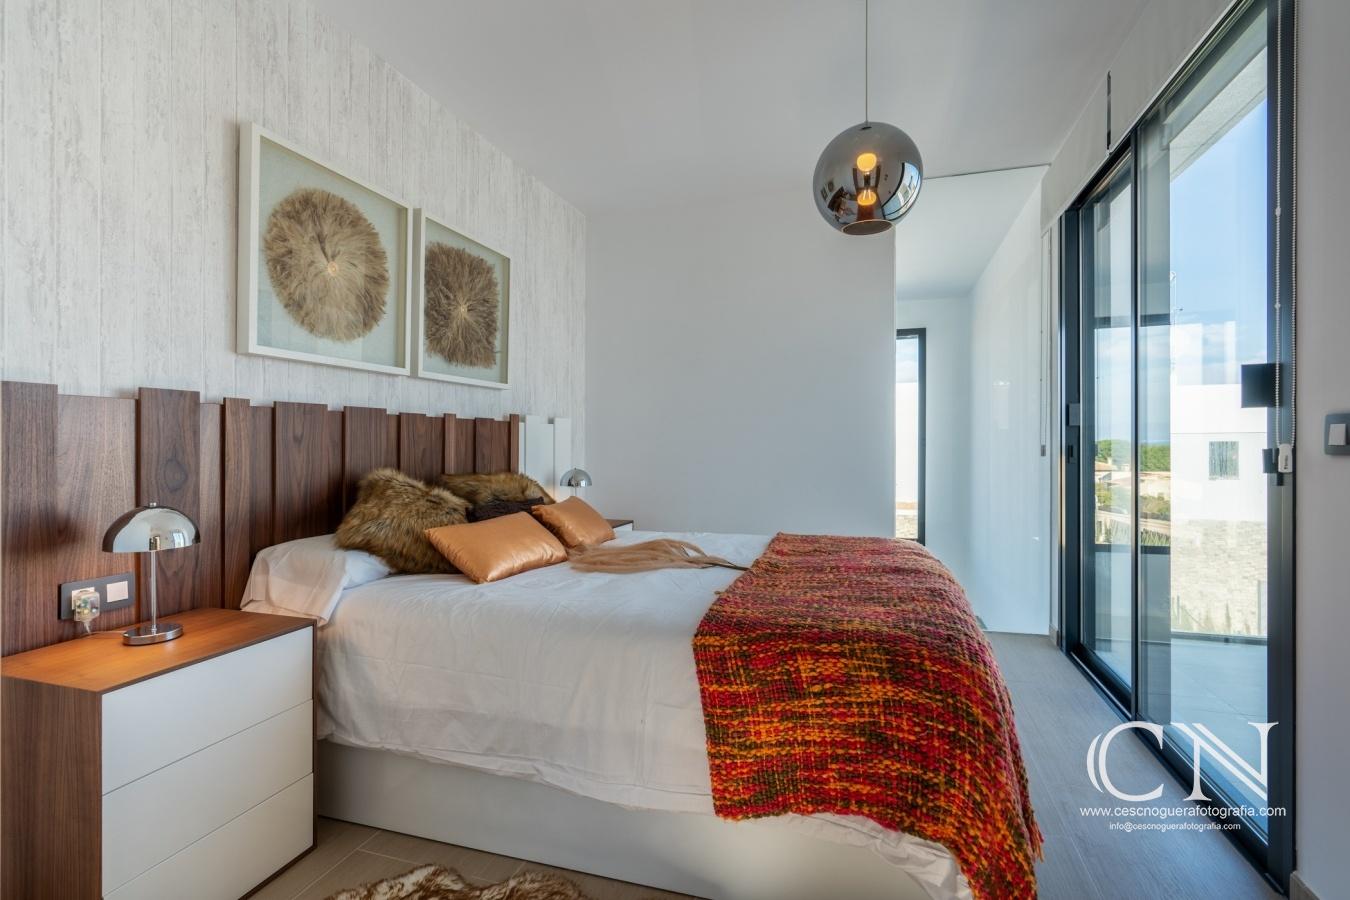 Interiors casa Colònia de Sant Pere - Cesc Noguera Photographie, Architectural & Interior design photographer / Landscape Photography